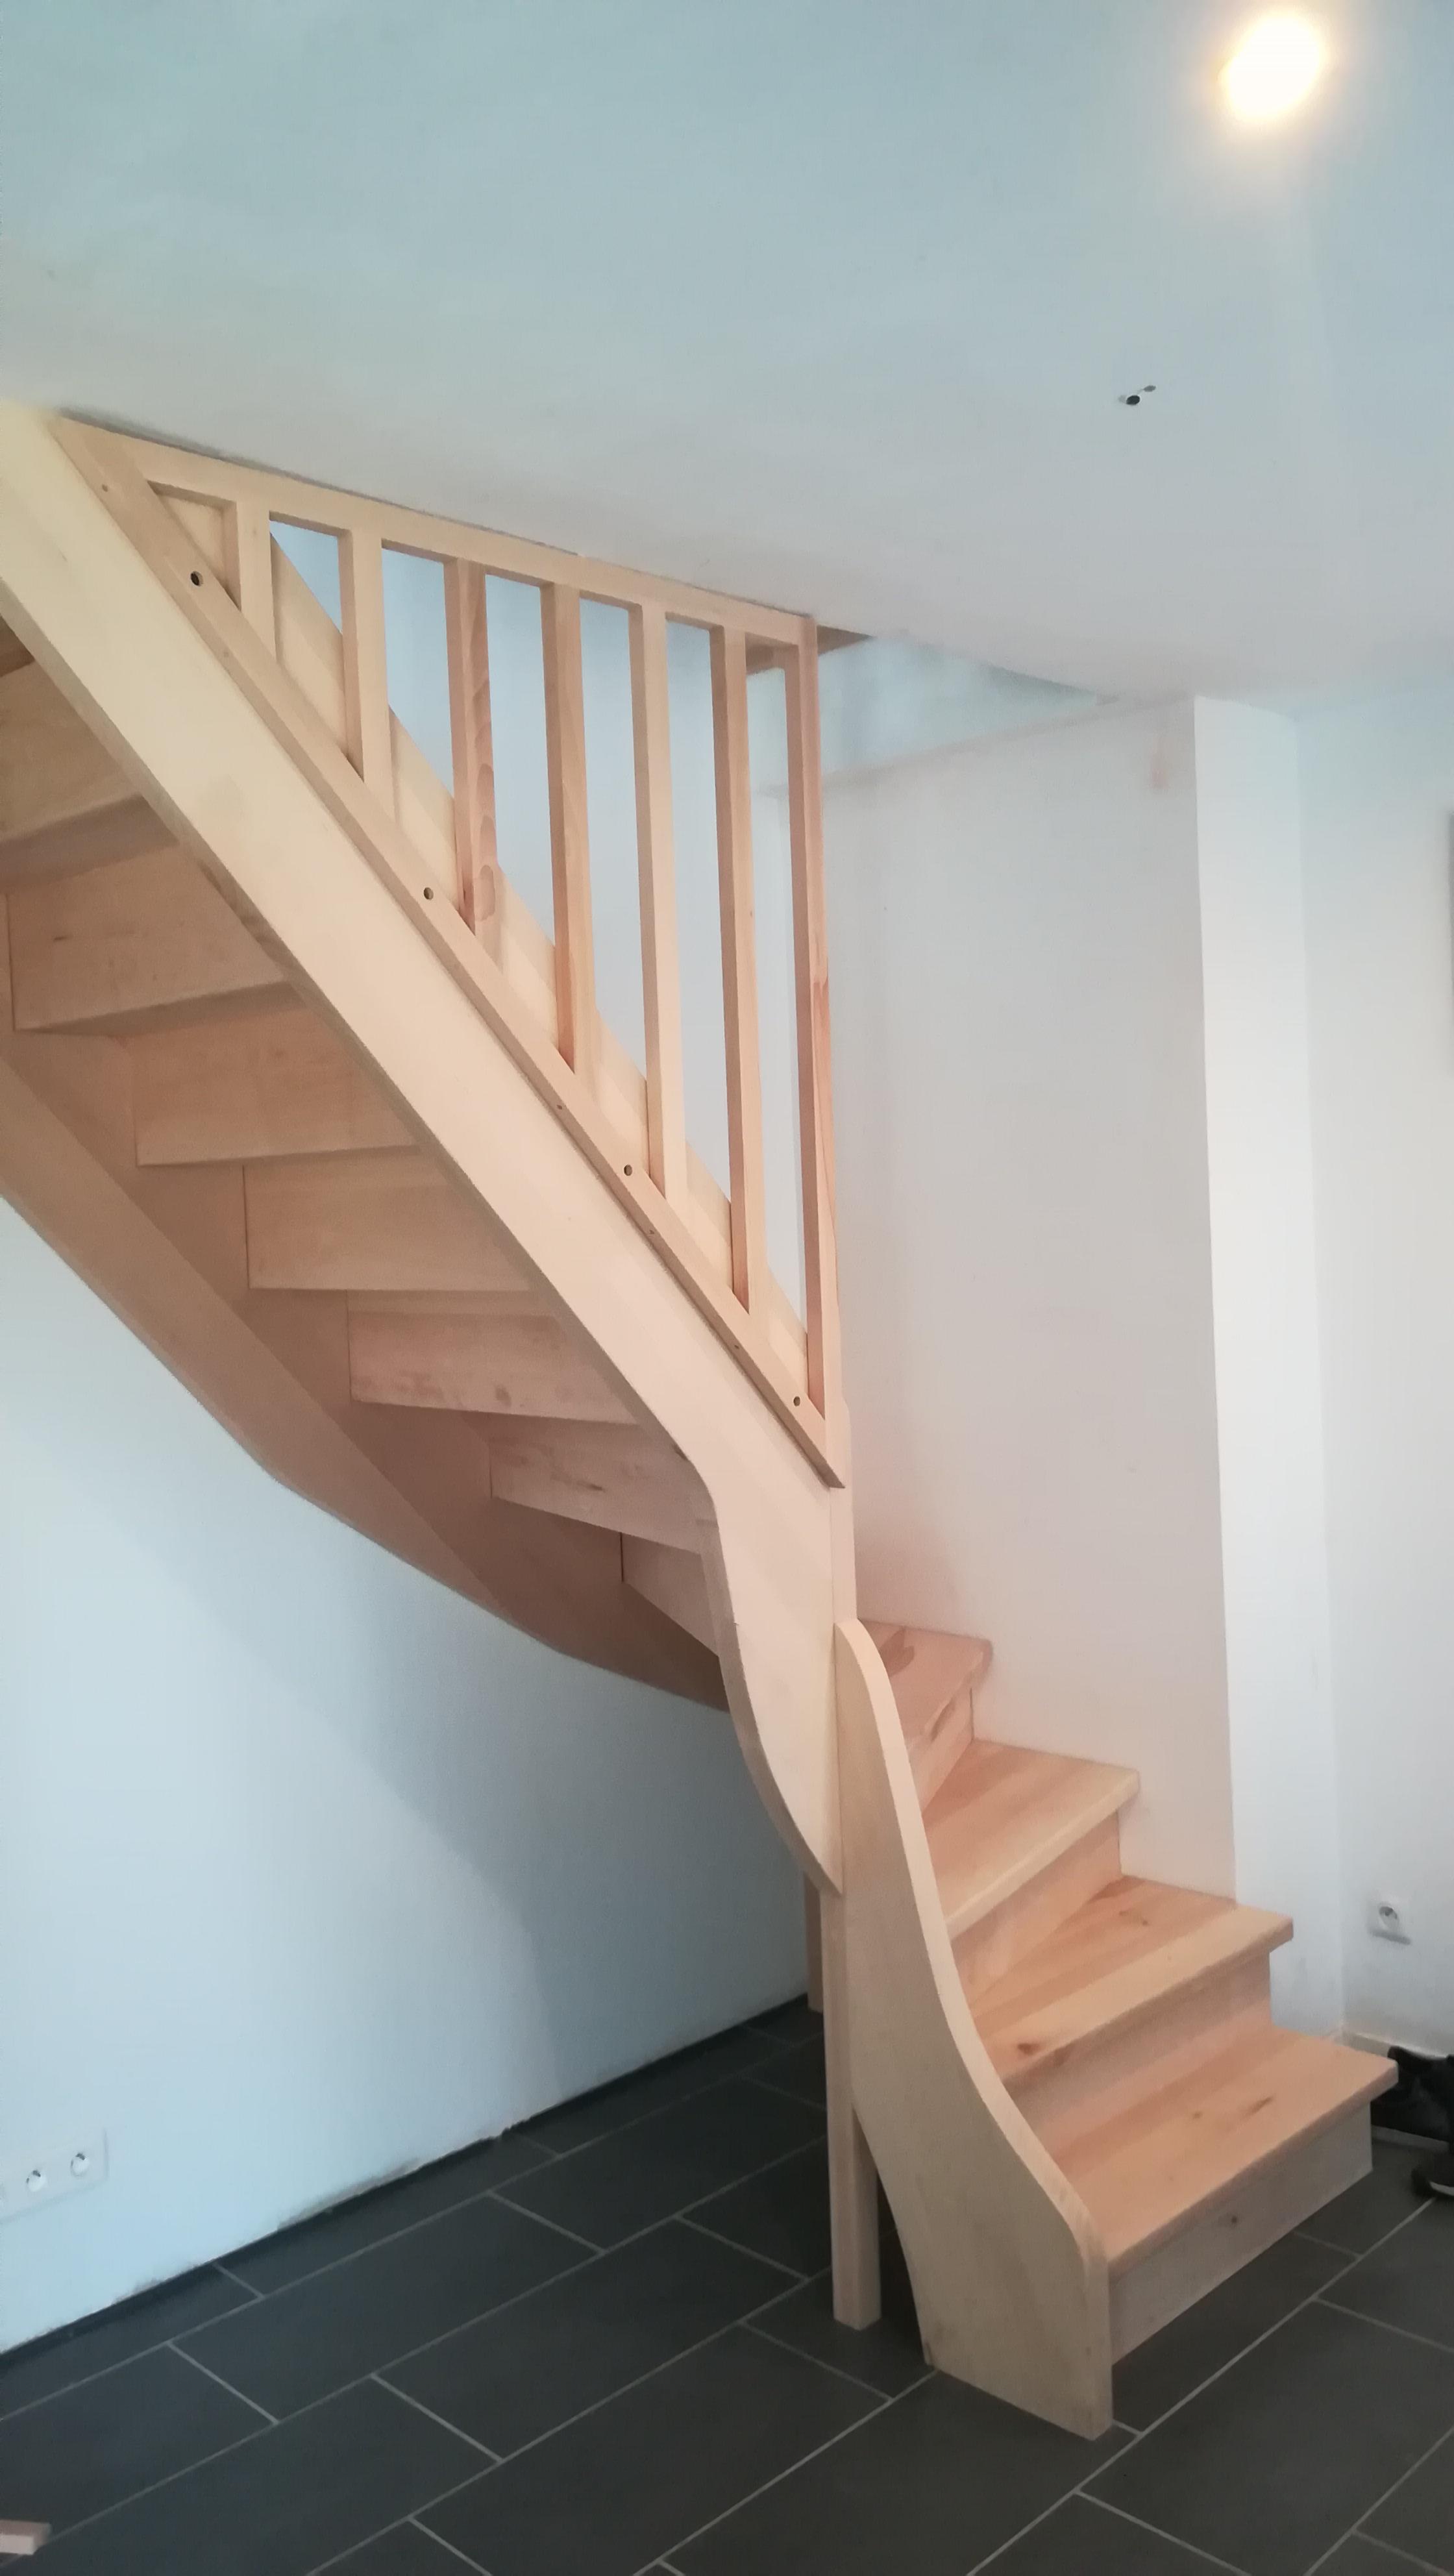 Escalier quart tournant en hêtre par Absolu bois